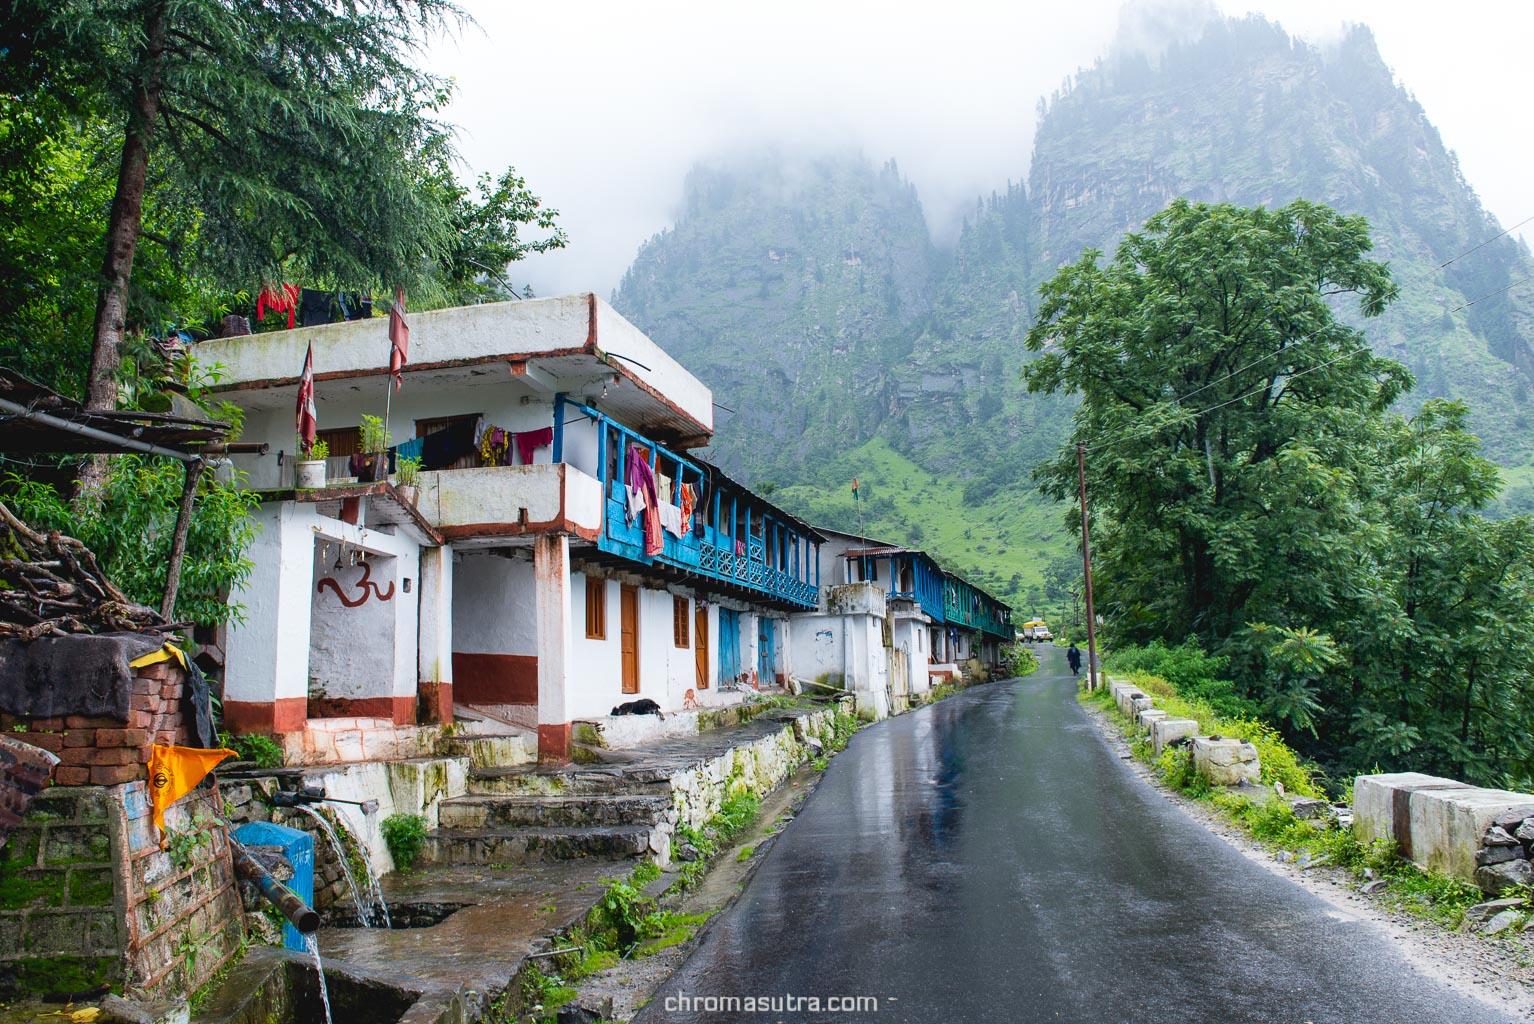 Pandukeshwar village on the way to Badrinath.